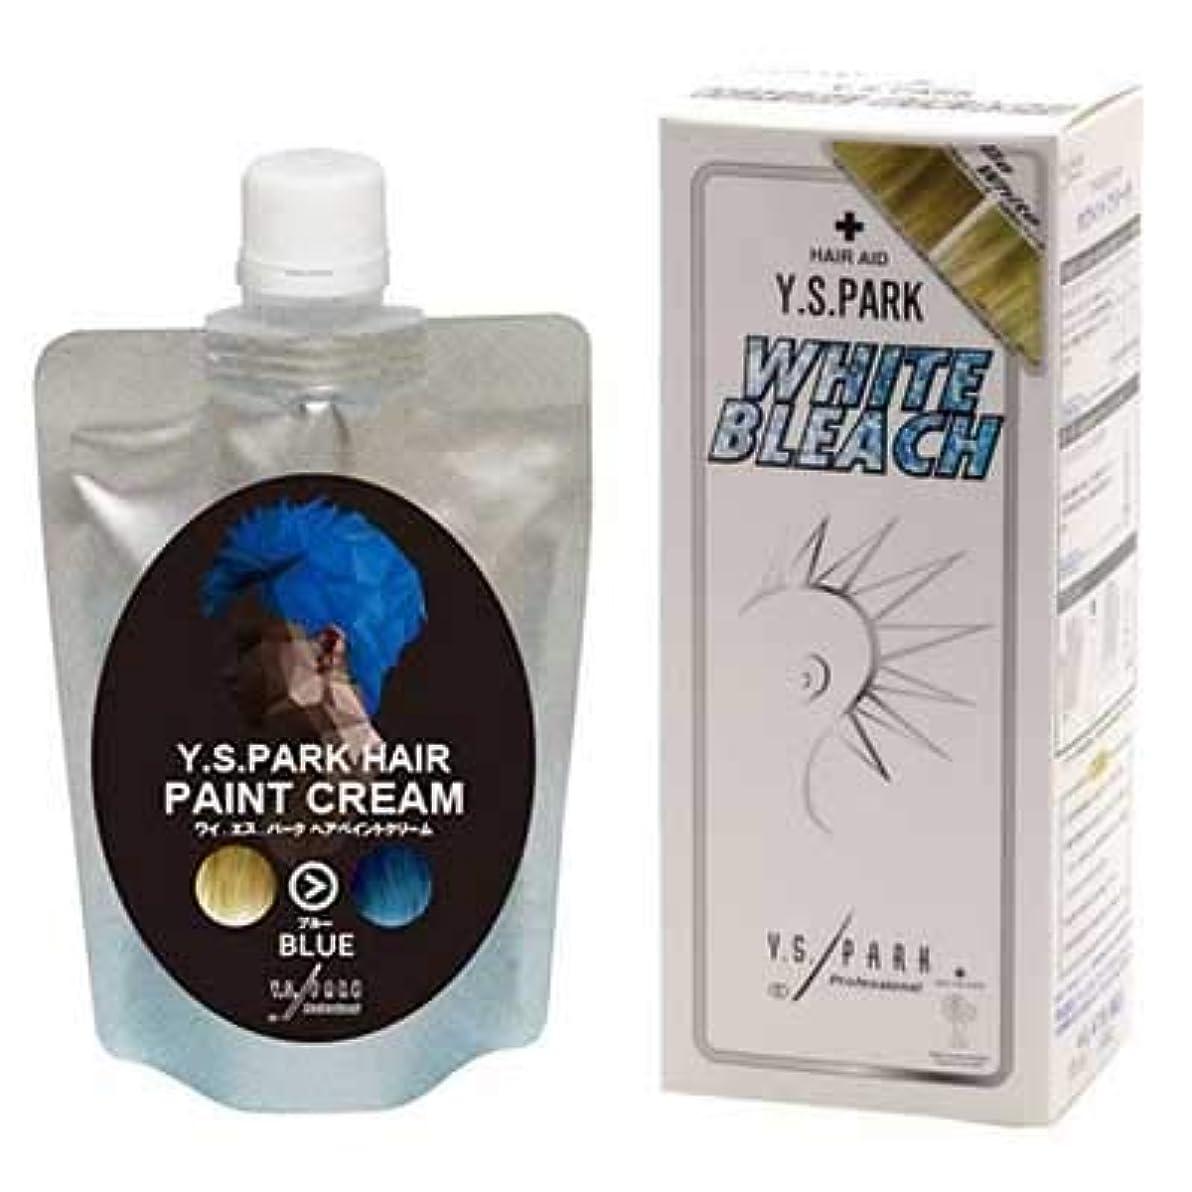 代わりにを立てるプロポーショナル明確にY.S.PARKヘアペイントクリーム ブルー 200g & Y.S.PARKホワイトブリーチセット